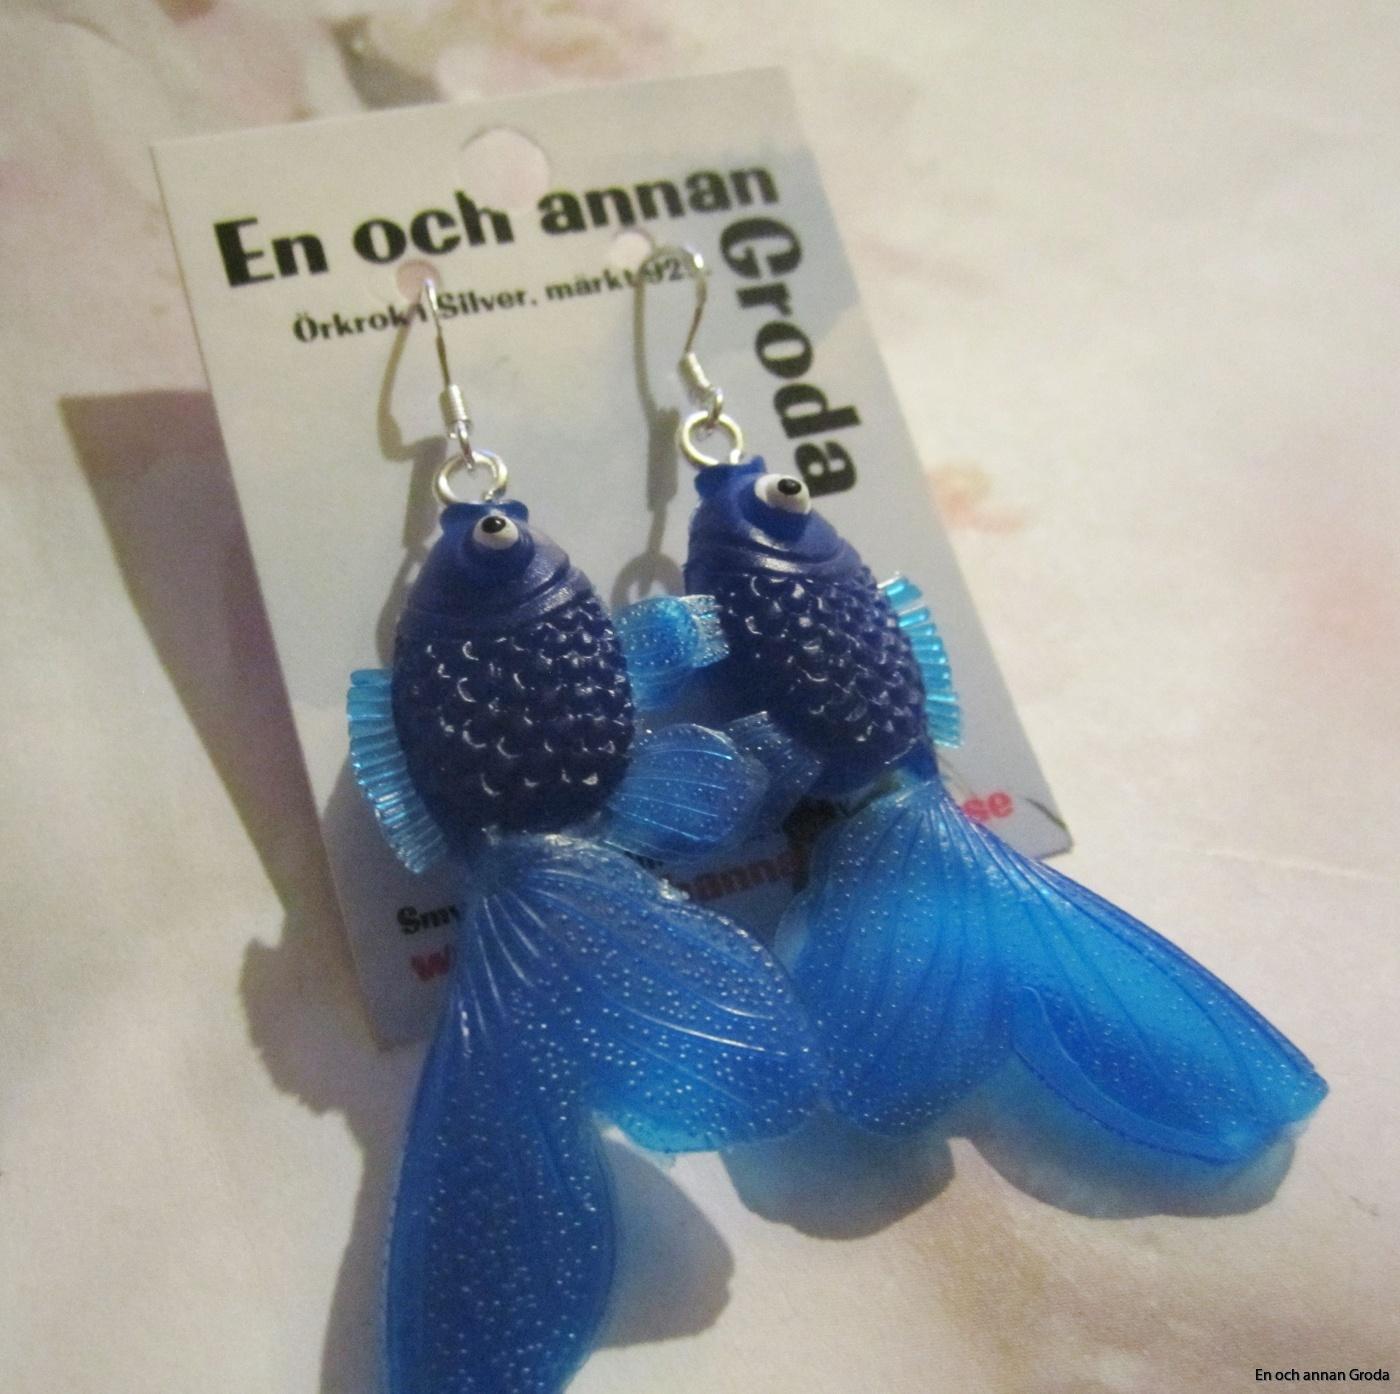 fisk örh blå